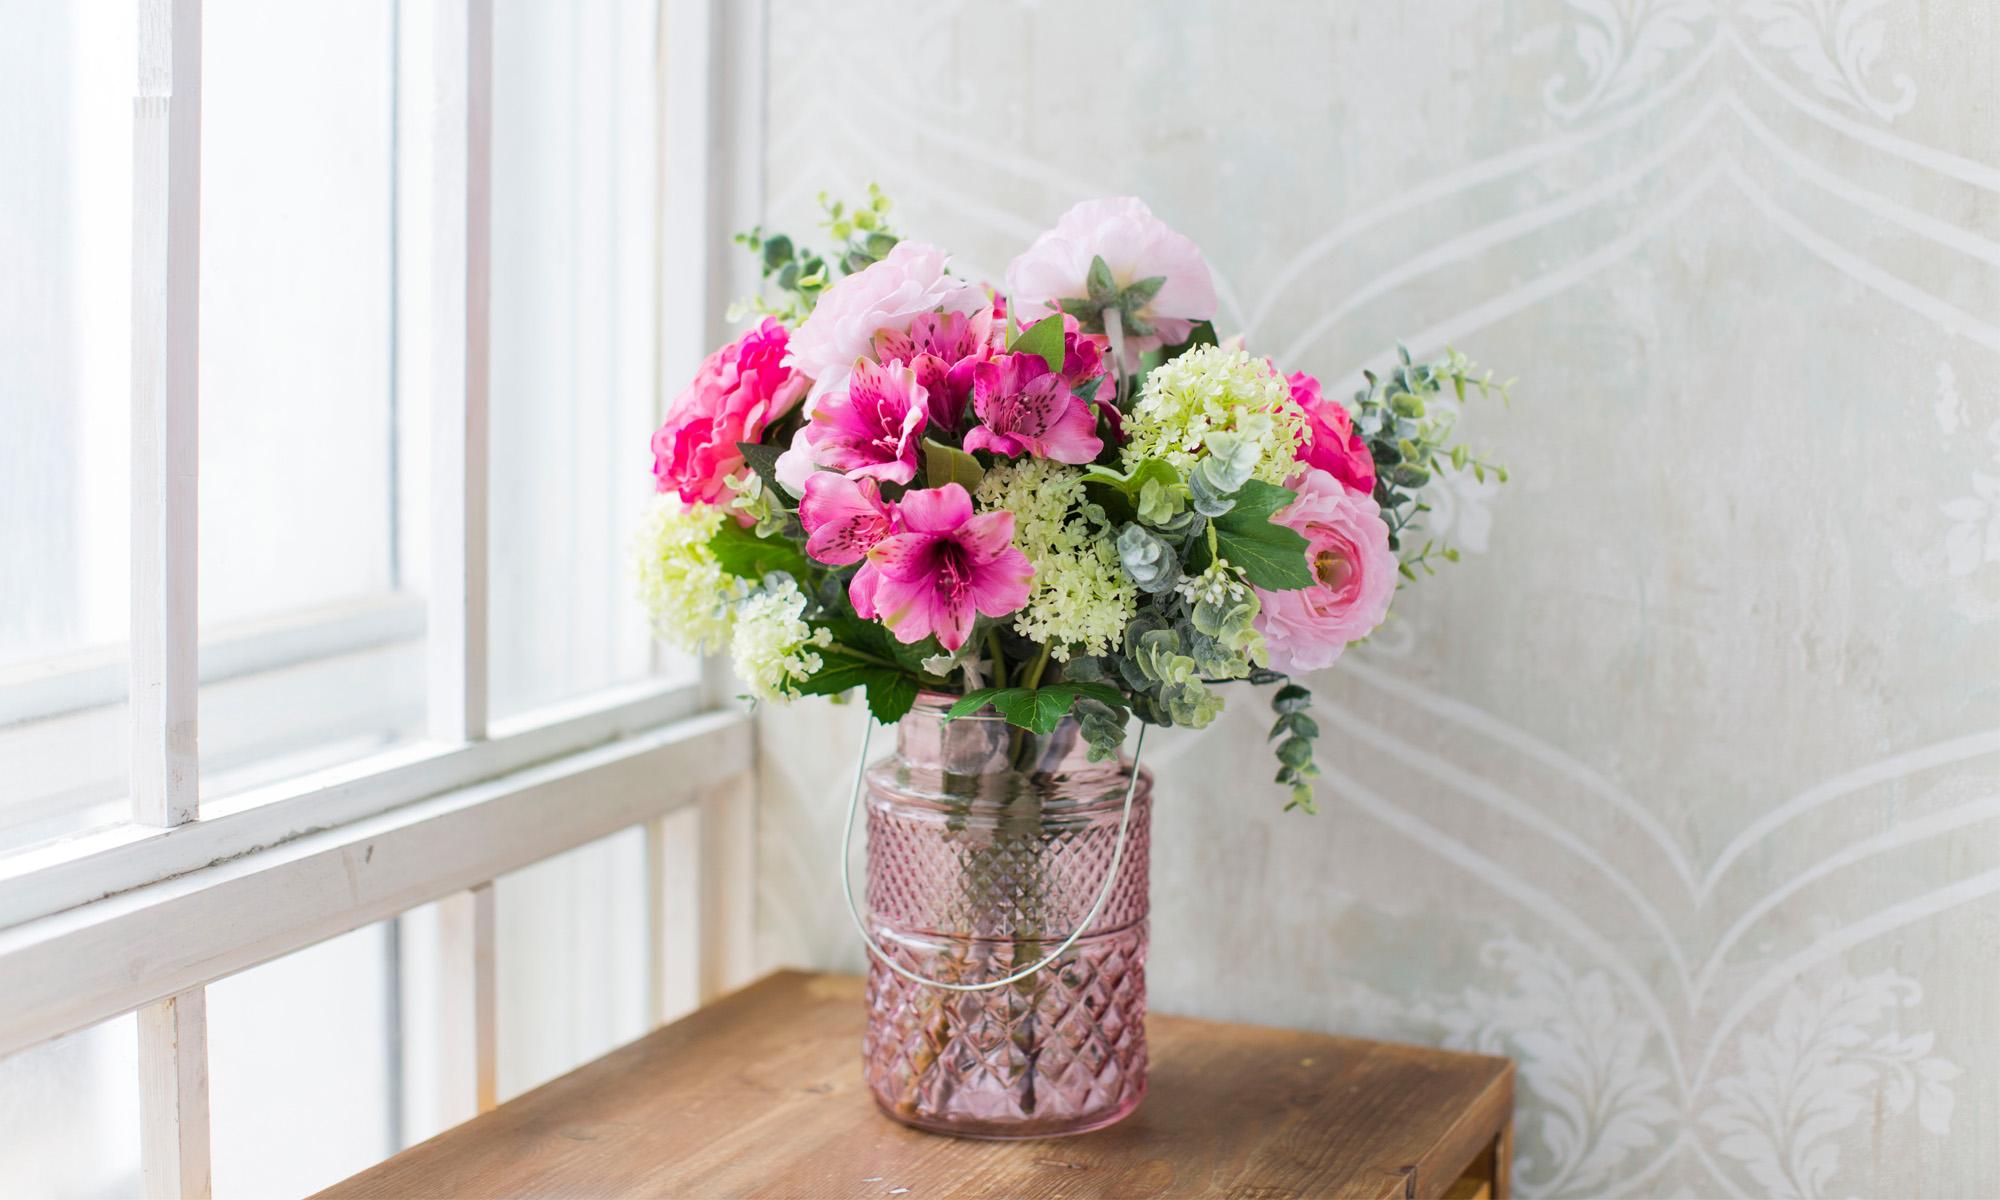 Купить Композиция из искусственных цветов - розовая протея, альстромерия, ранункулюсы, inmyroom, Россия